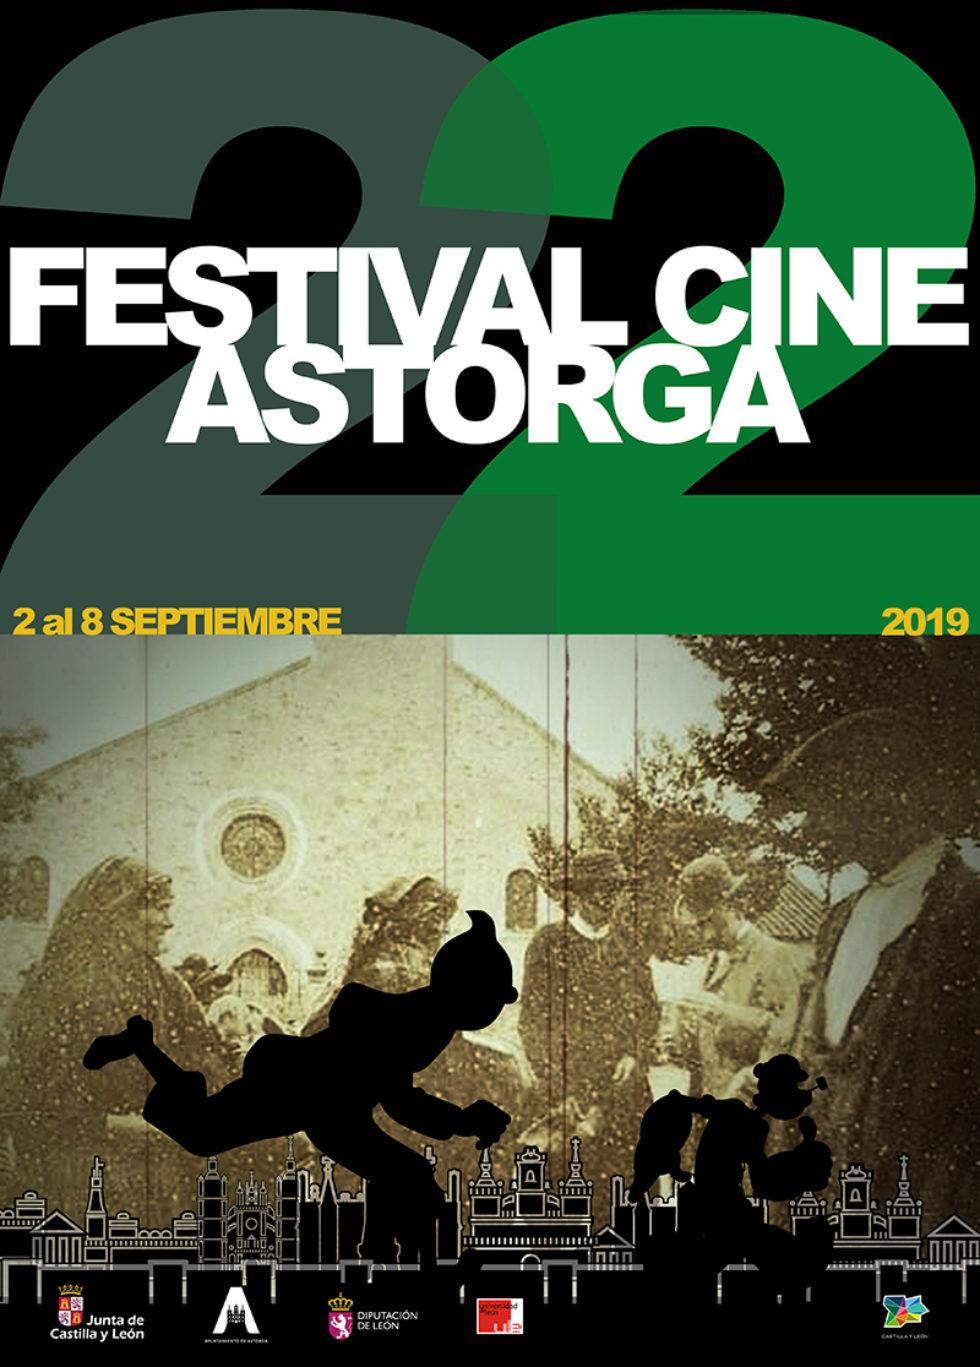 Seleccionados en la 22º edición del Festival de Cine de Astorga